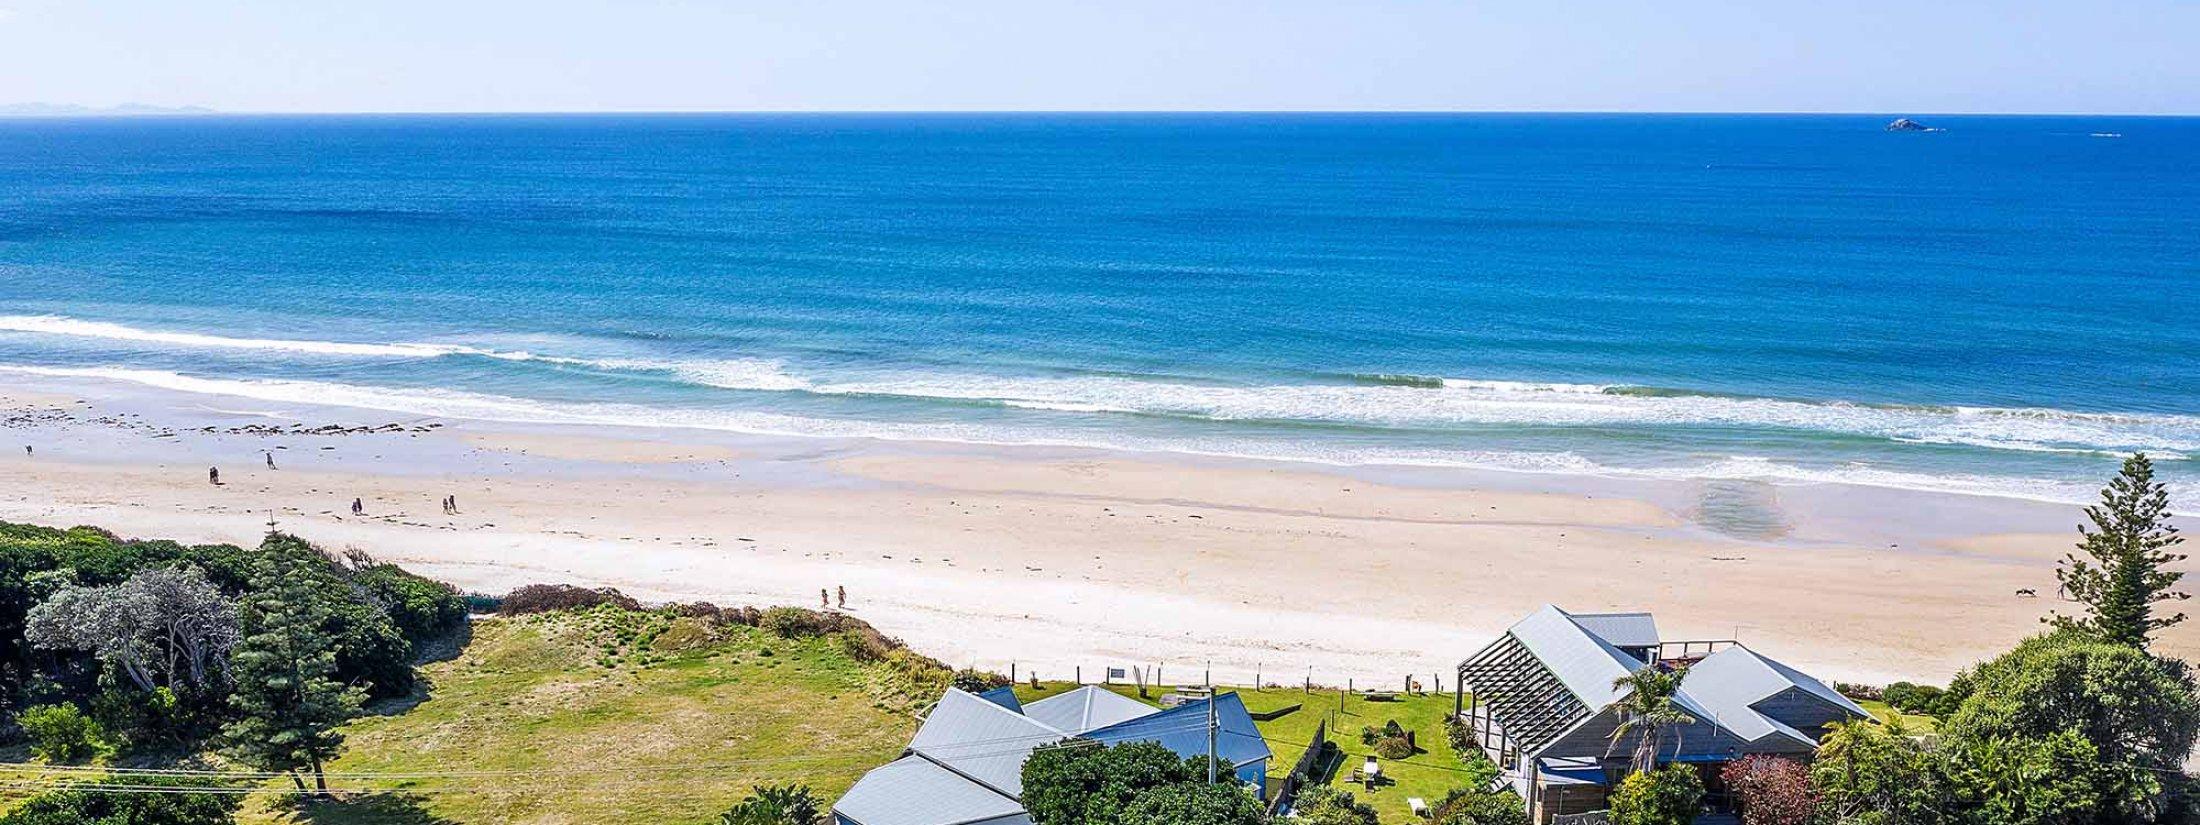 Belongil on The Beach - Byron Bay - Aerial Towards Ocean - Beachfront Location